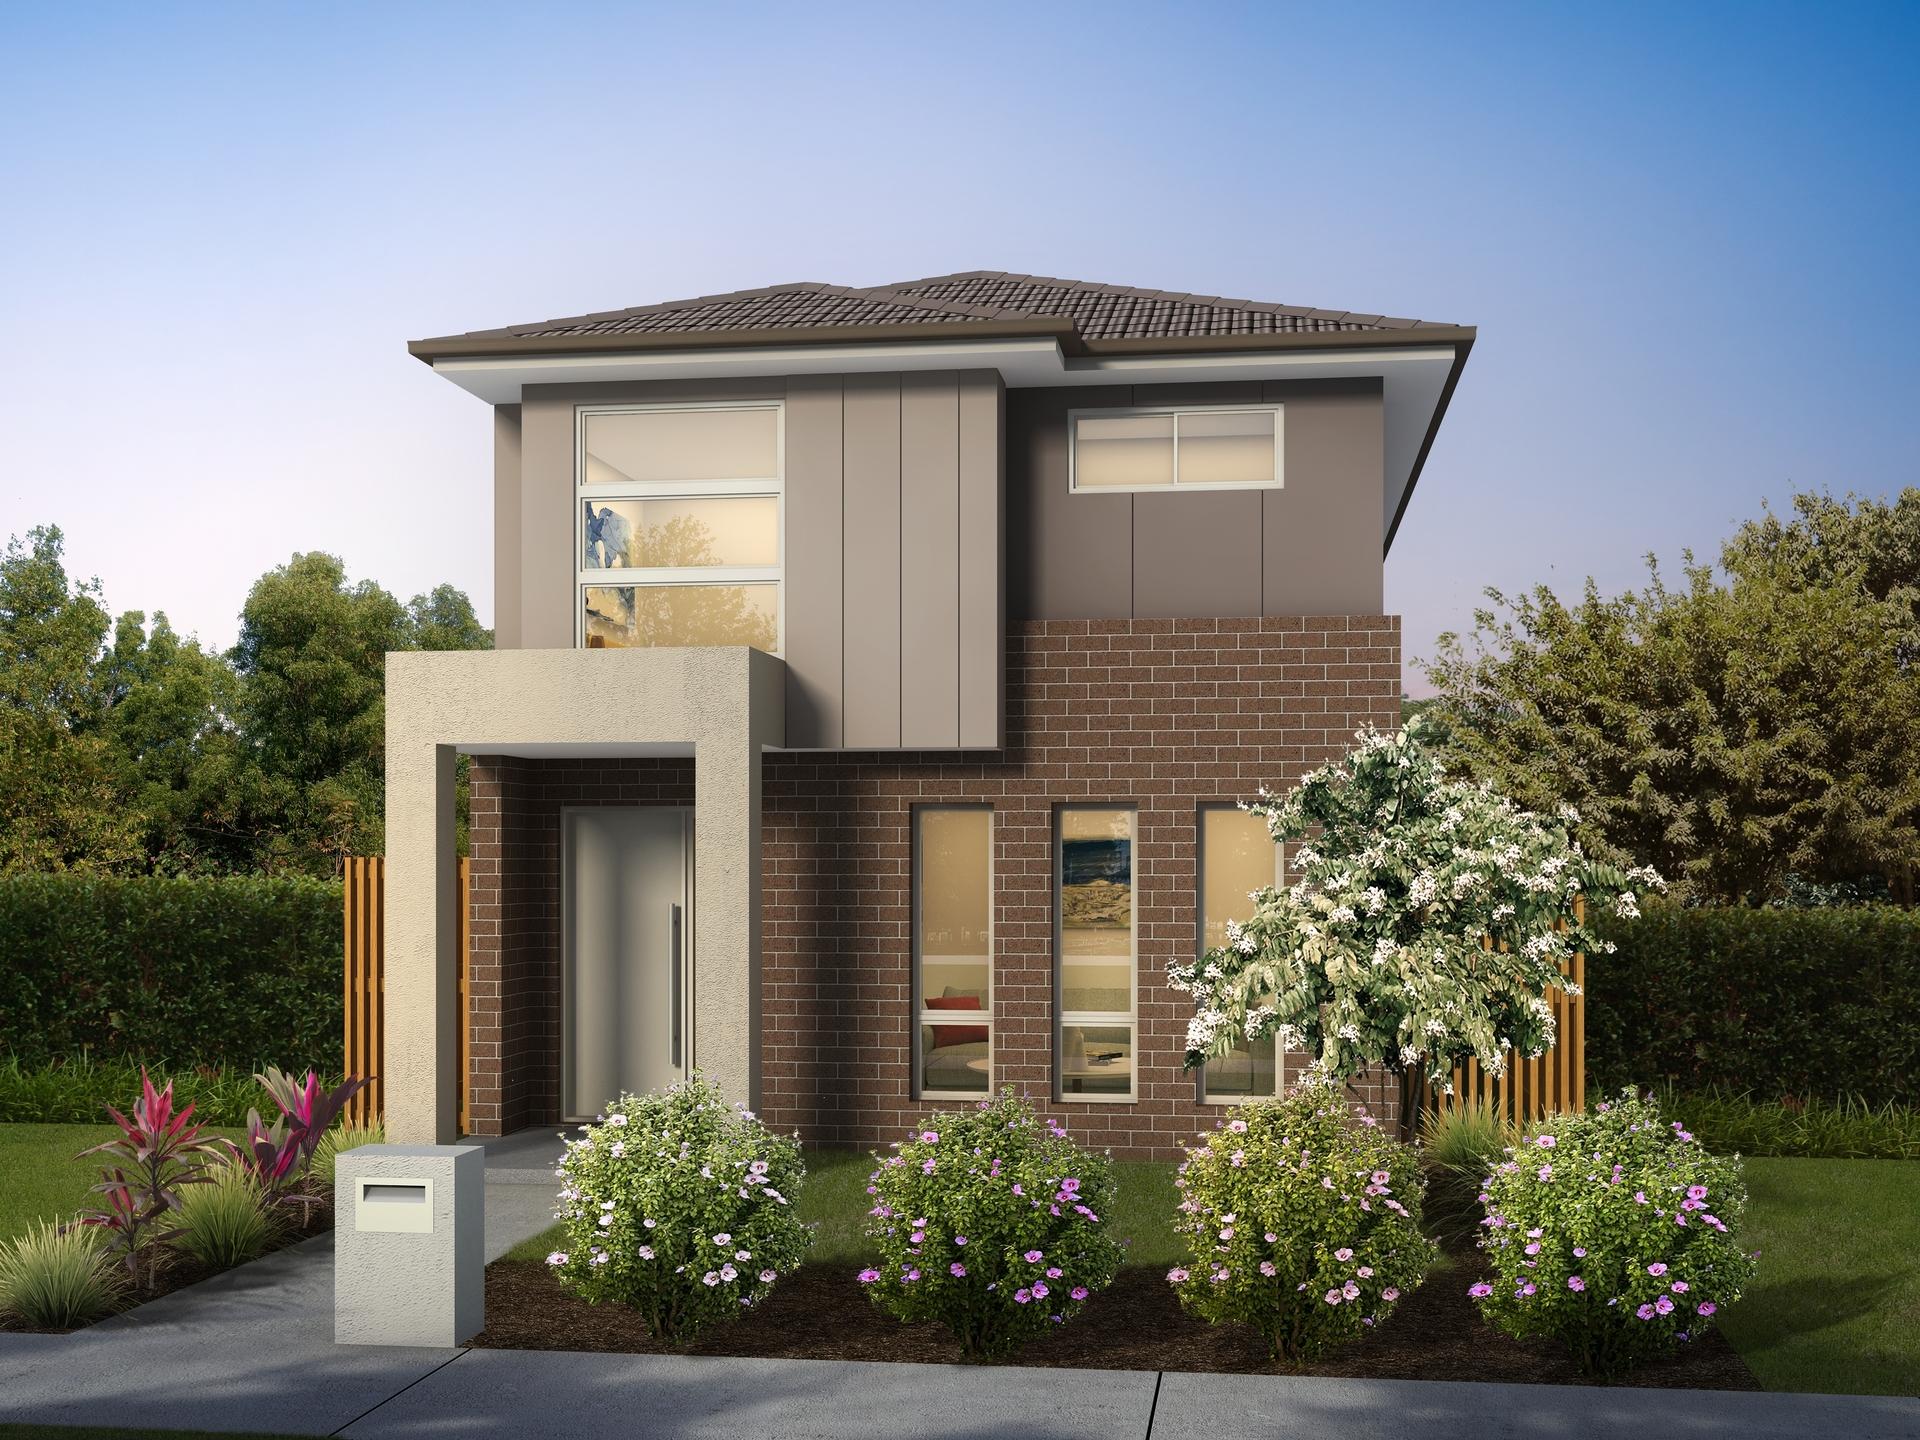 Austral Lot 5 |  60 Edmondson Ave | Austral